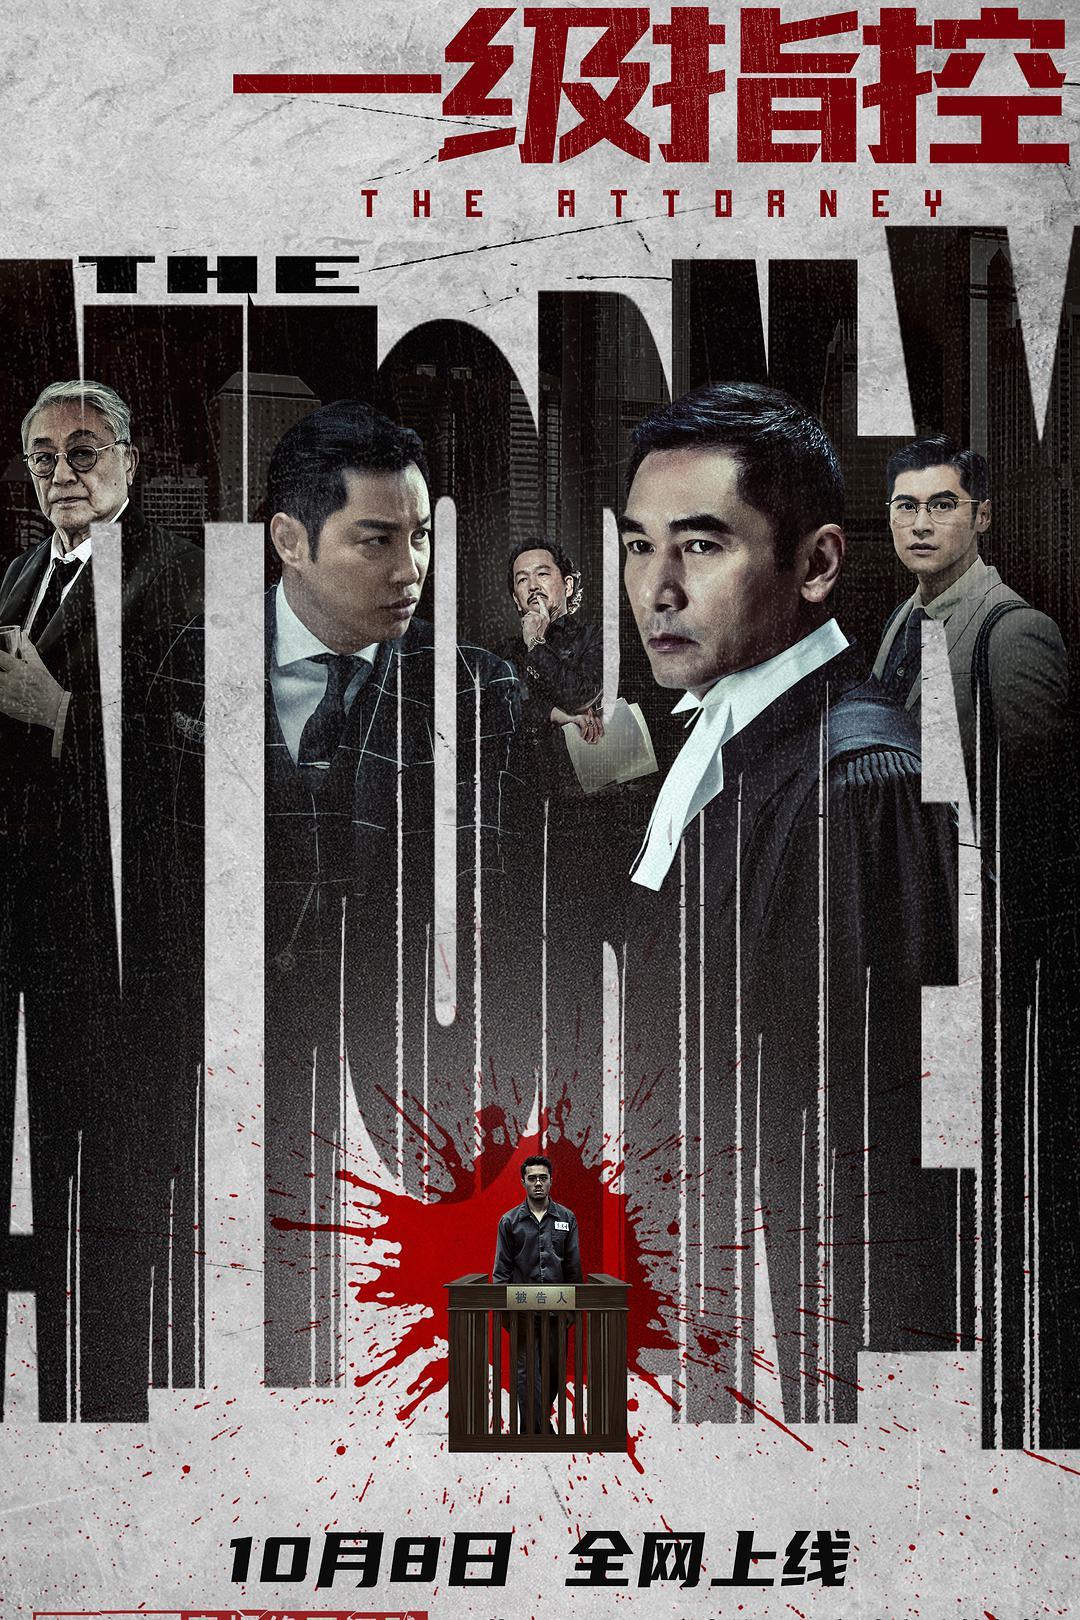 悠悠MP4_MP4电影下载_[一级指控][WEB-MKV/2.11GB][国语配音/中文字幕][1080P][HDR版本][H265编码][香港,香港电影,犯罪,廖启智,悬疑,